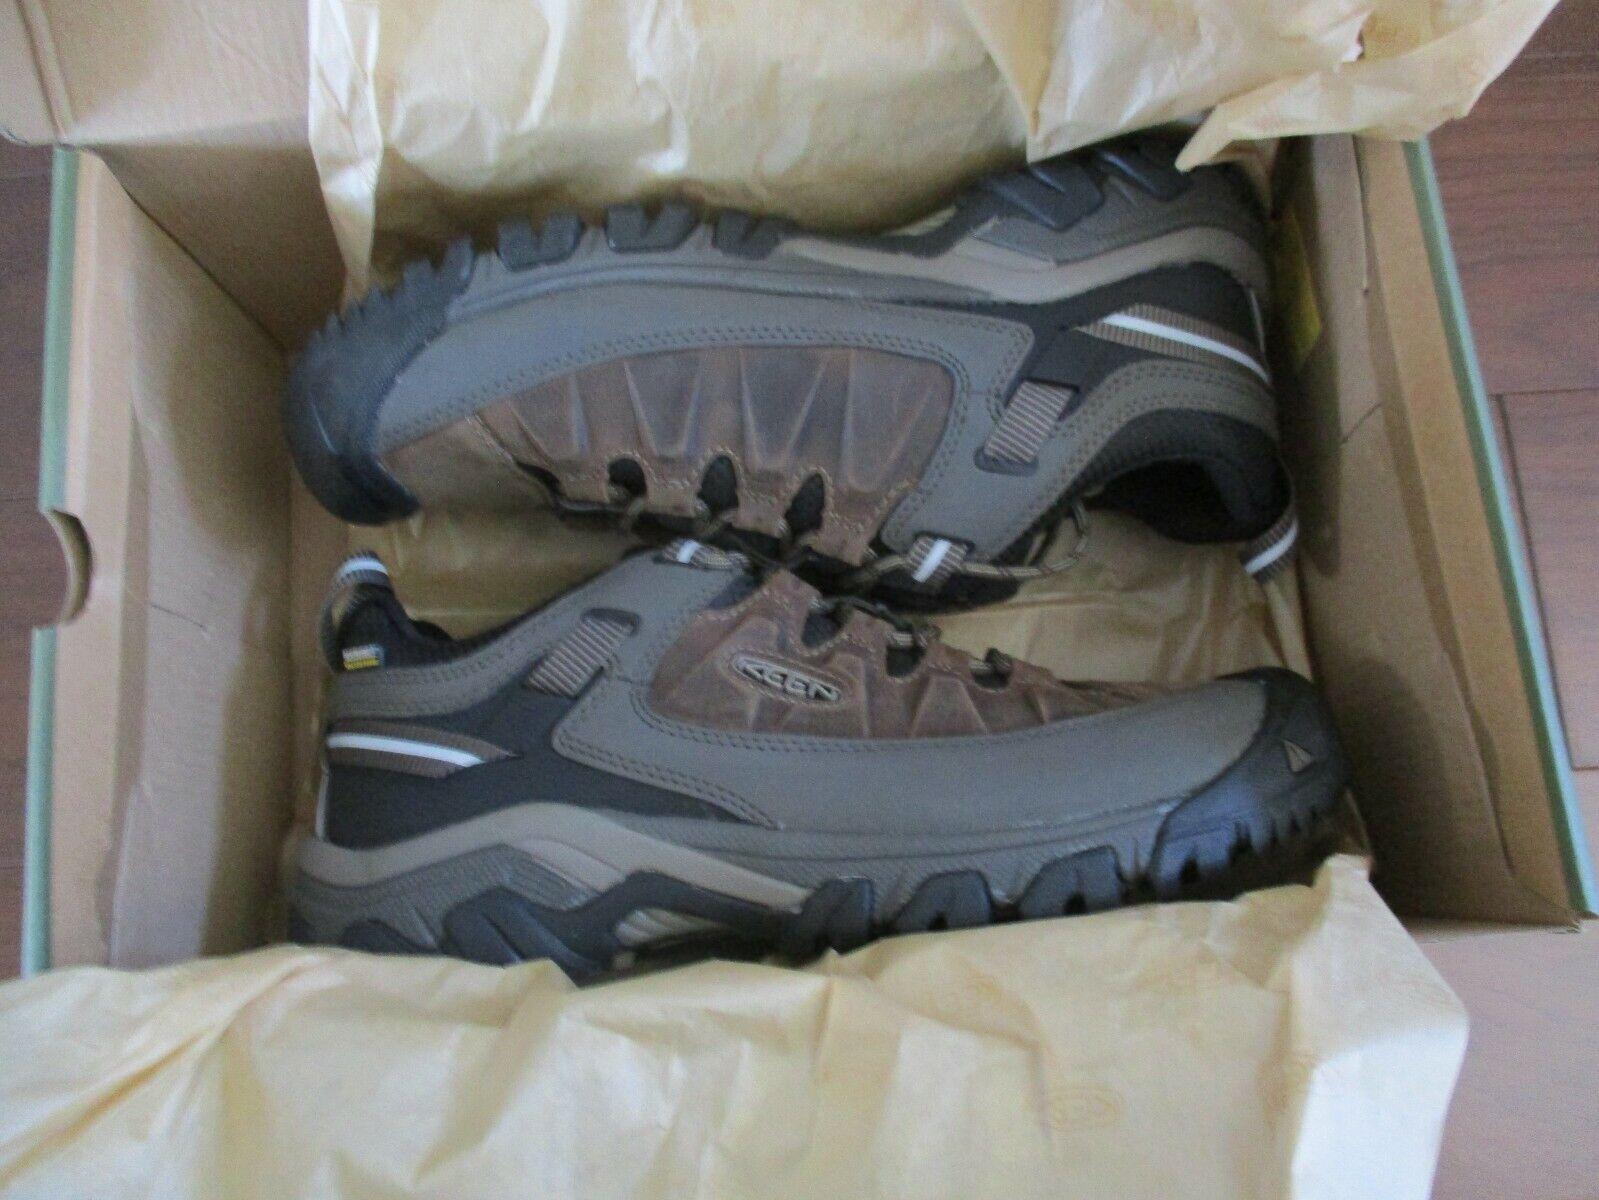 BNIB KEEN Men's Targhee III Waterproof Hiking Shoes, Bungee